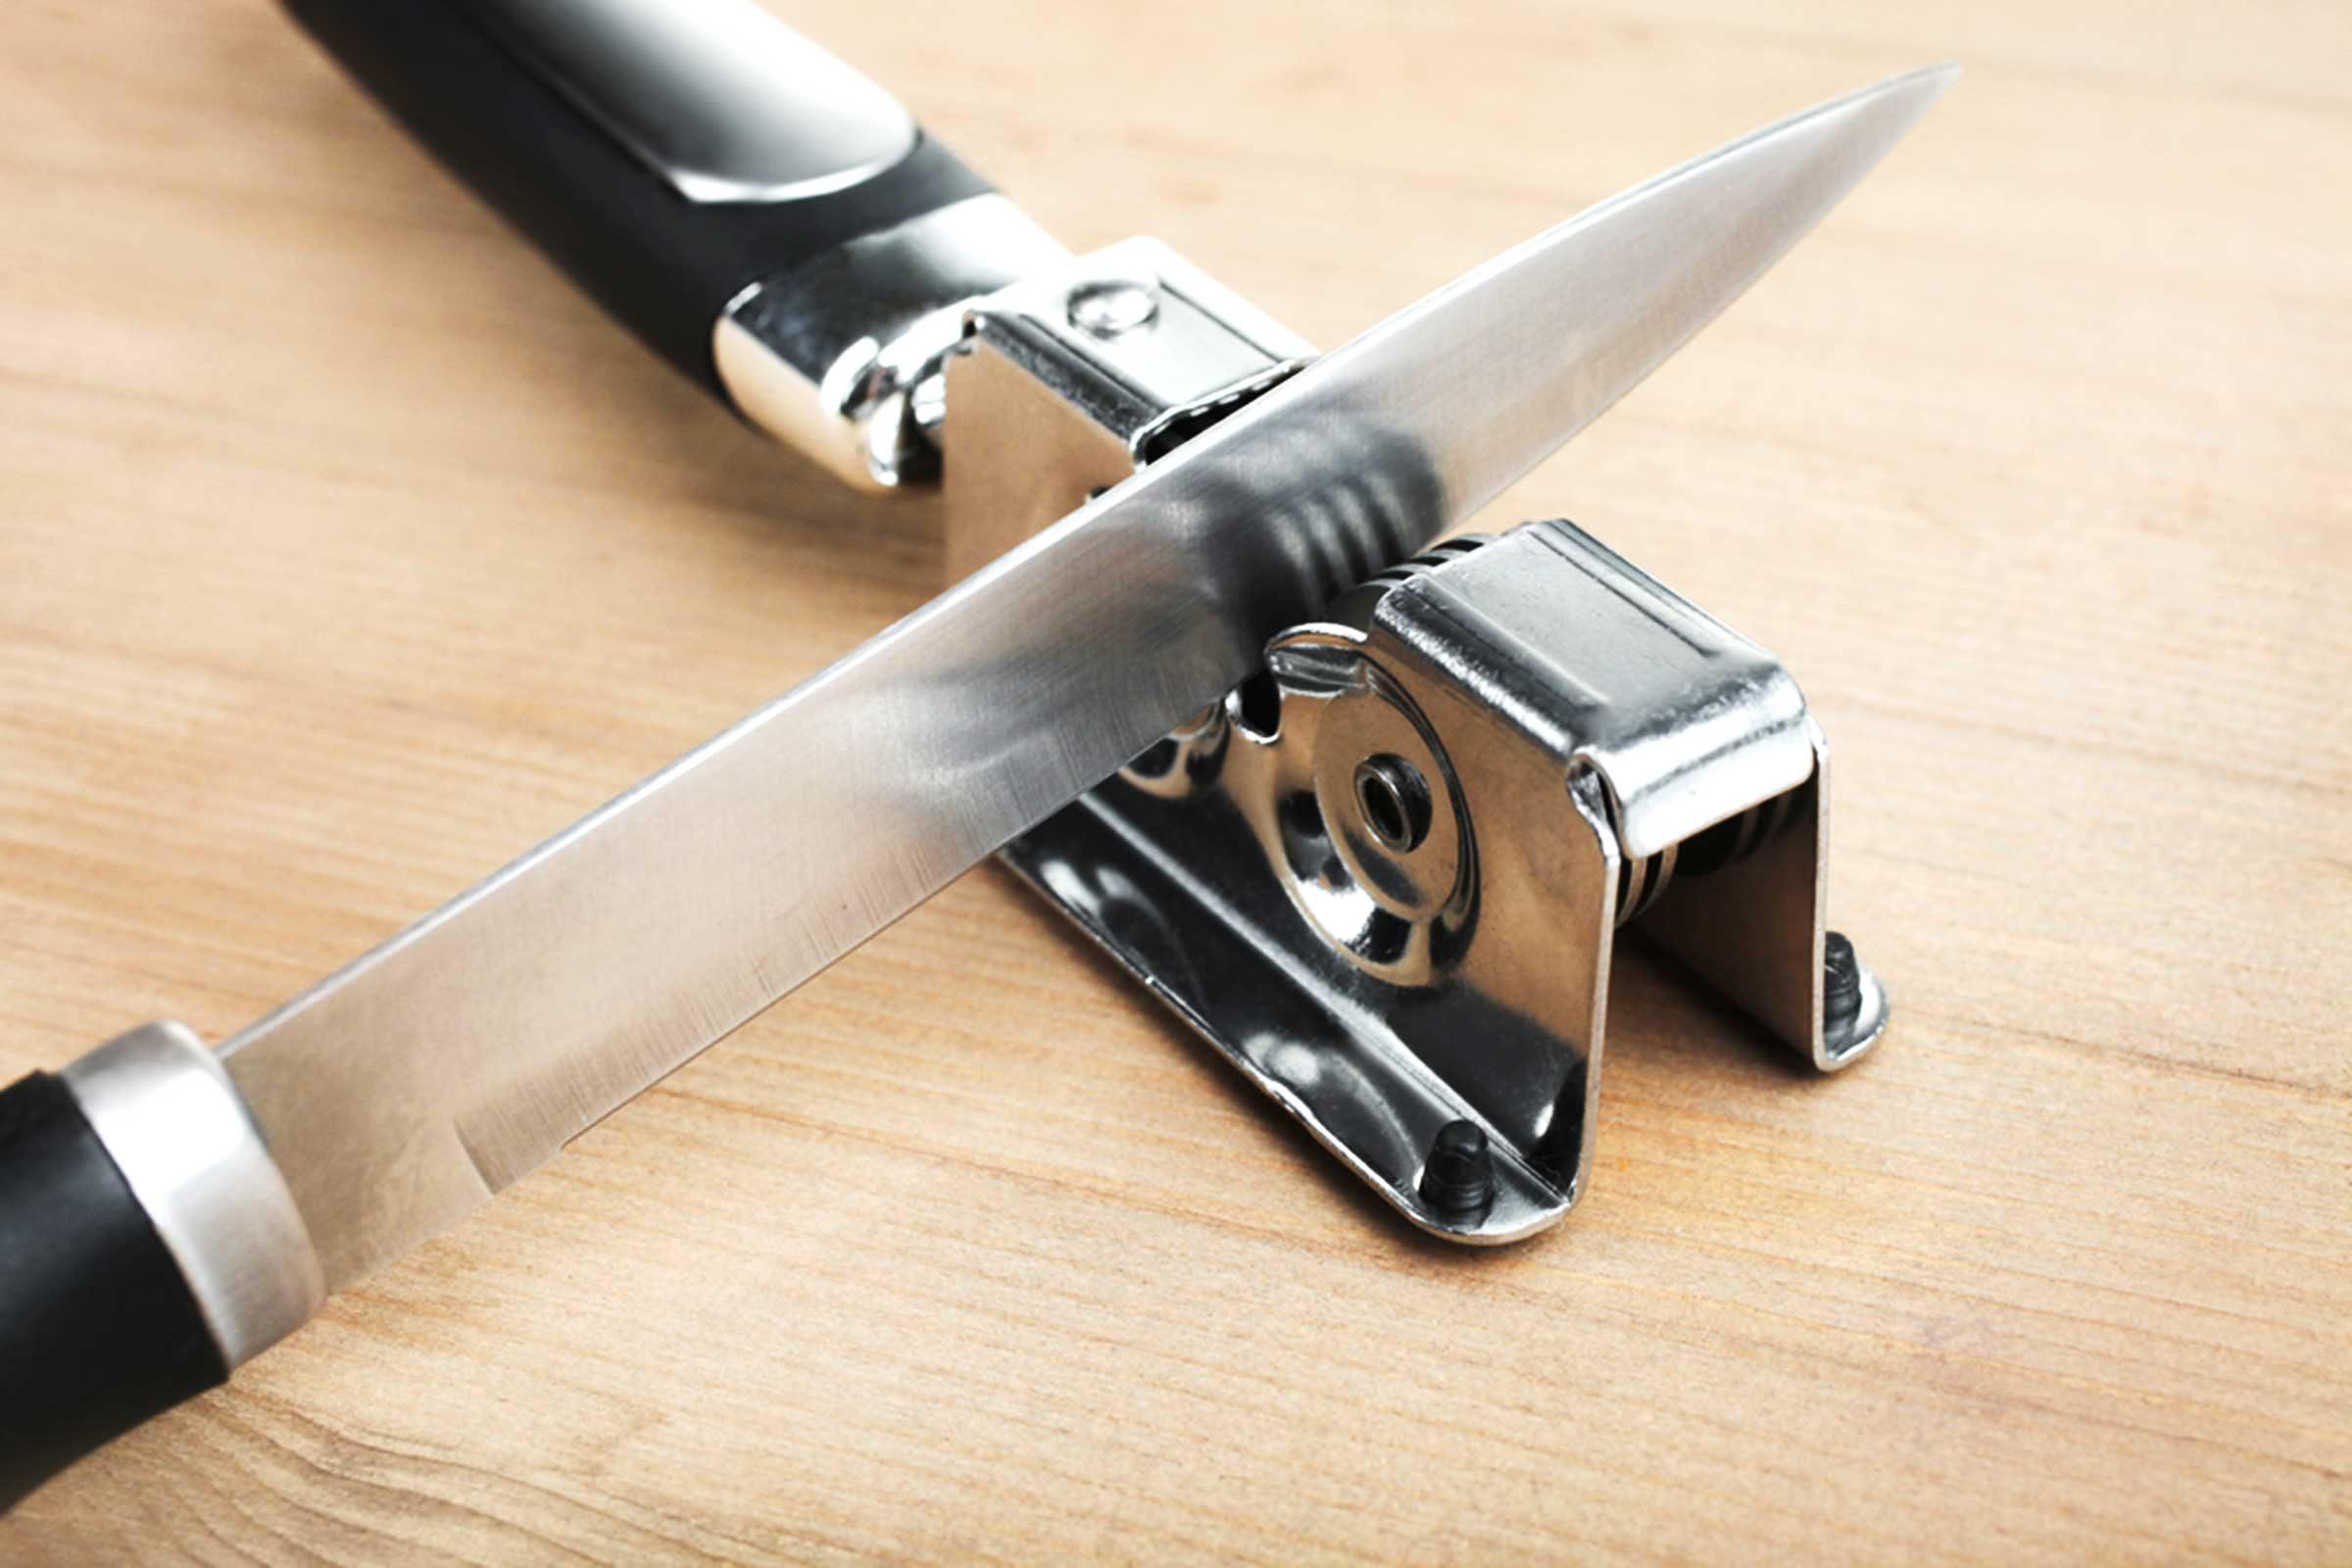 N'oubliez pas d'aiguiser vos couteaux de cuisine